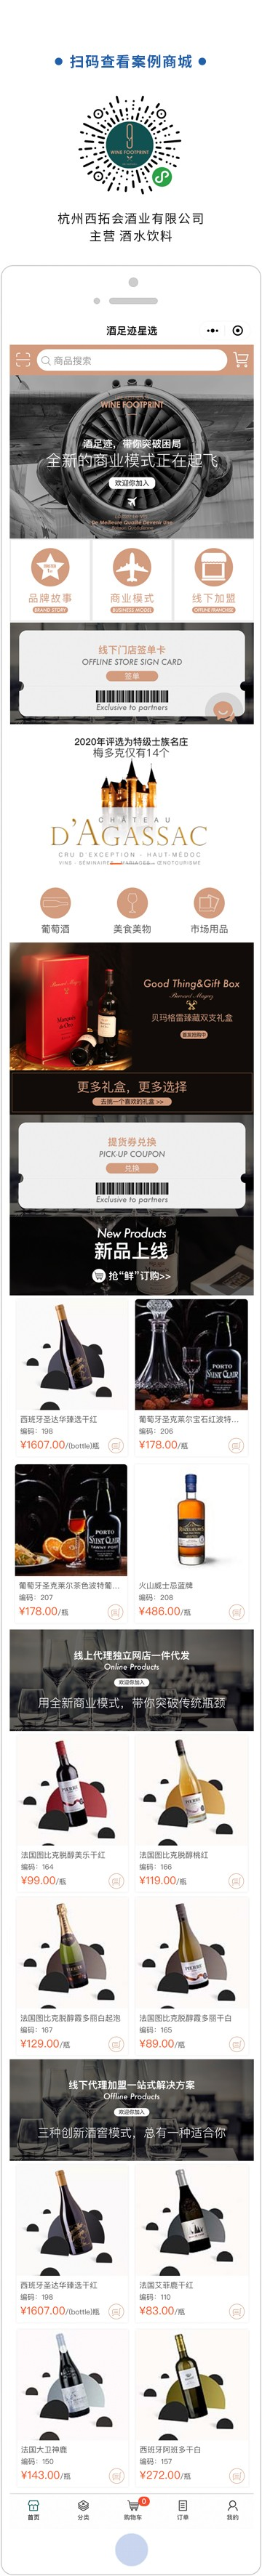 西拓会酒业.jpg